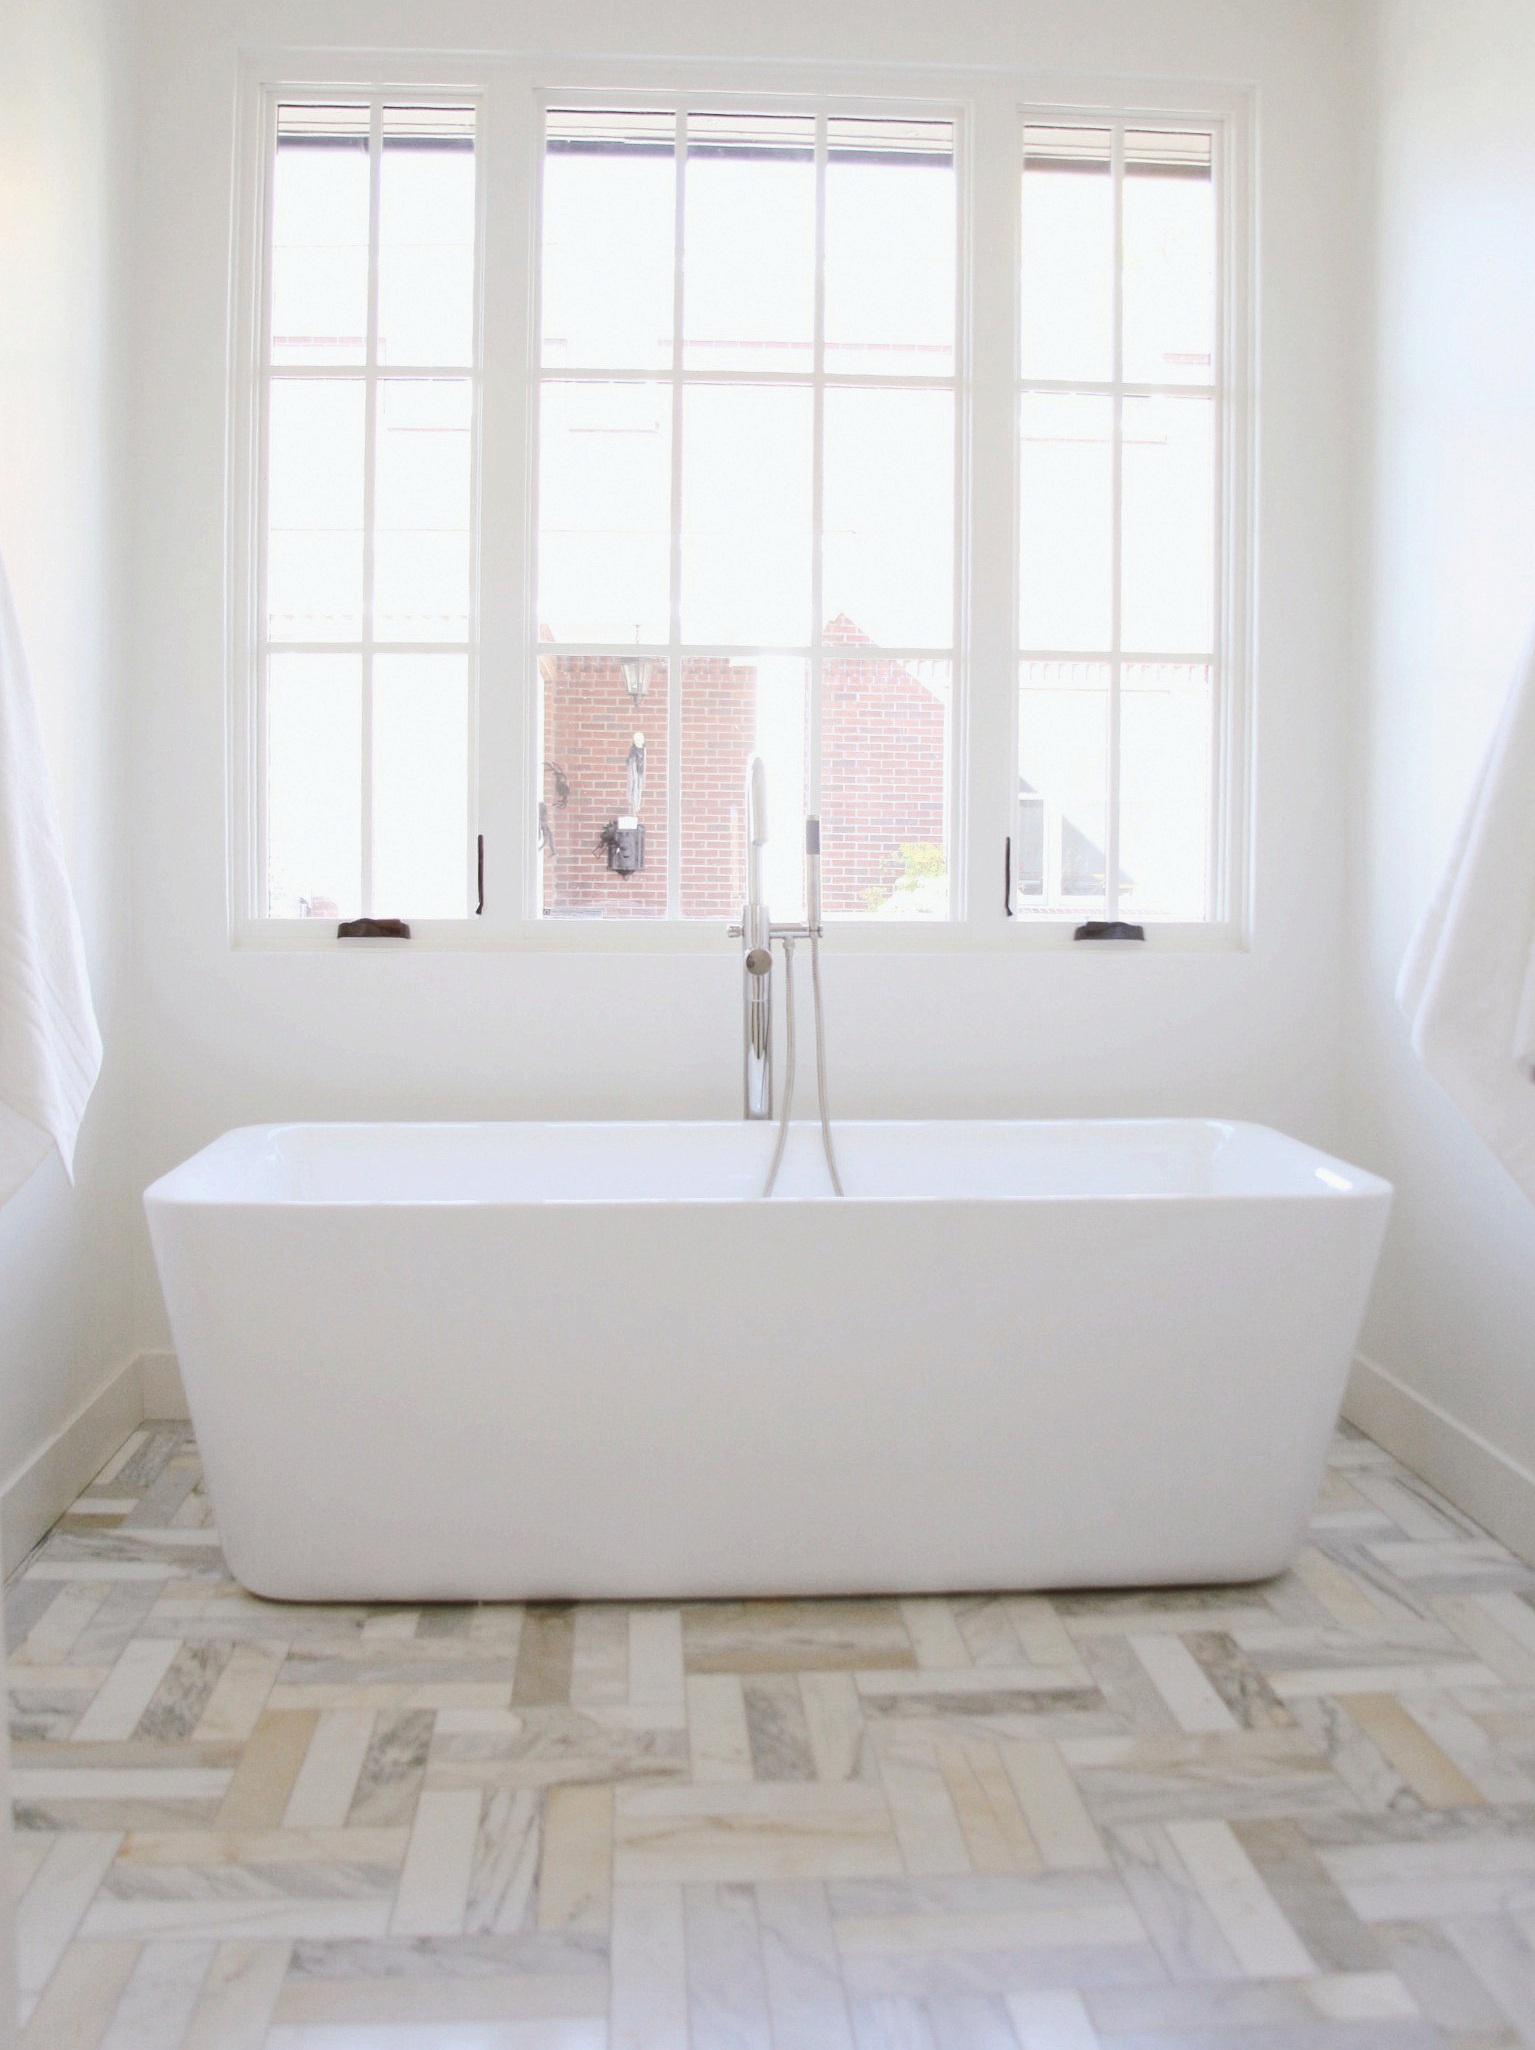 Bathroom Tub Country Club